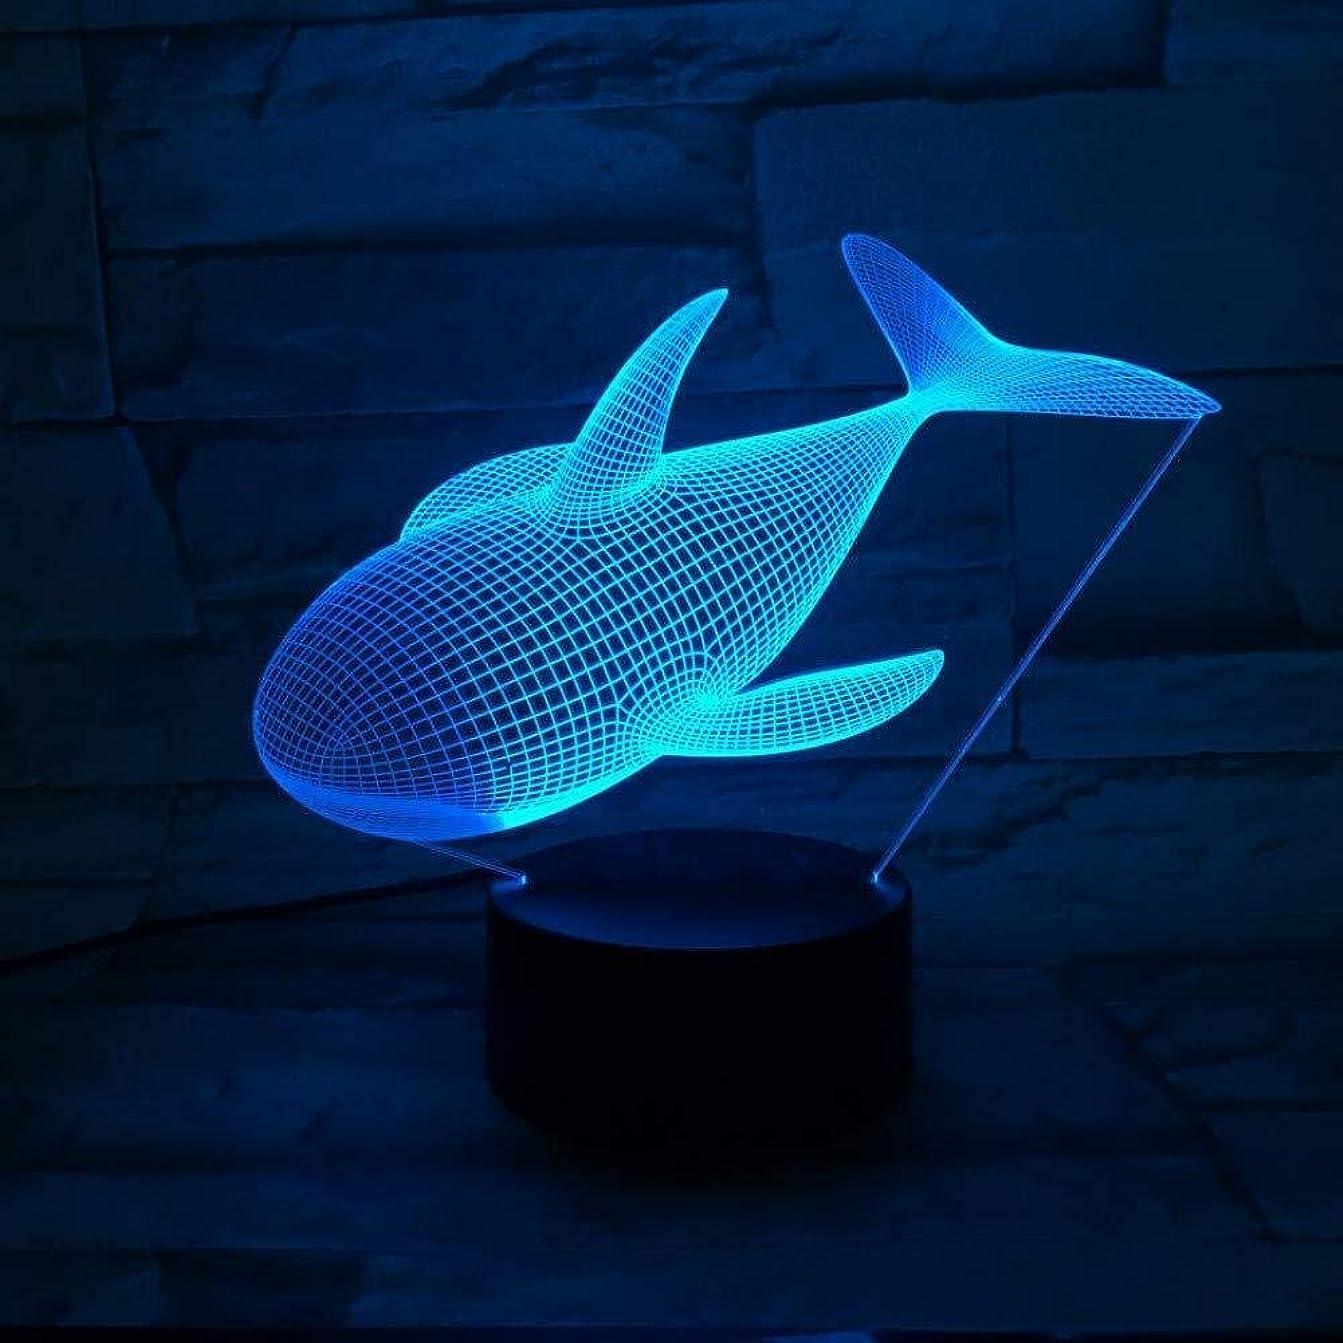 堂々たる知らせる告発3DイリュージョンLEDクジラランプタッチセンサー7色は、ルーム装飾的な動物魚デスクランプボーイズキッズフェスティバル誕生日ギフトのUSB充電を変更します